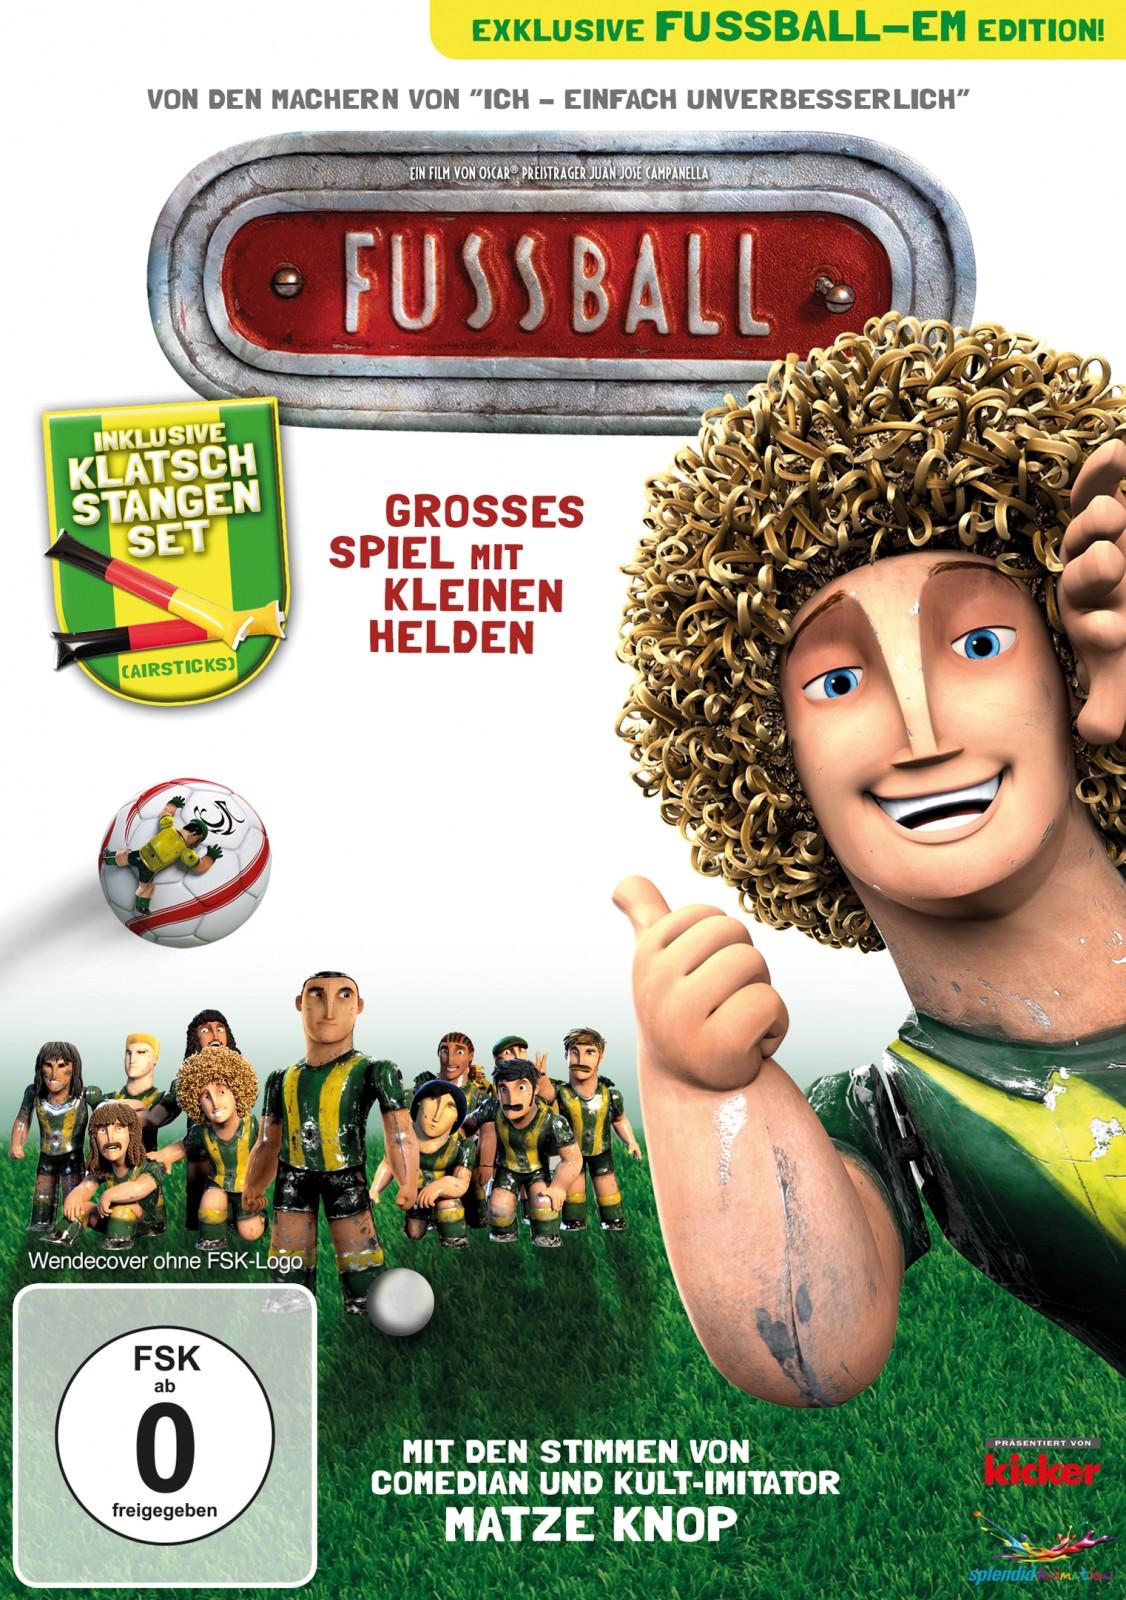 Fußball - Großes Spiel mit kleinen Helden - Ltd. EM Edition inkl. Air-Sticks